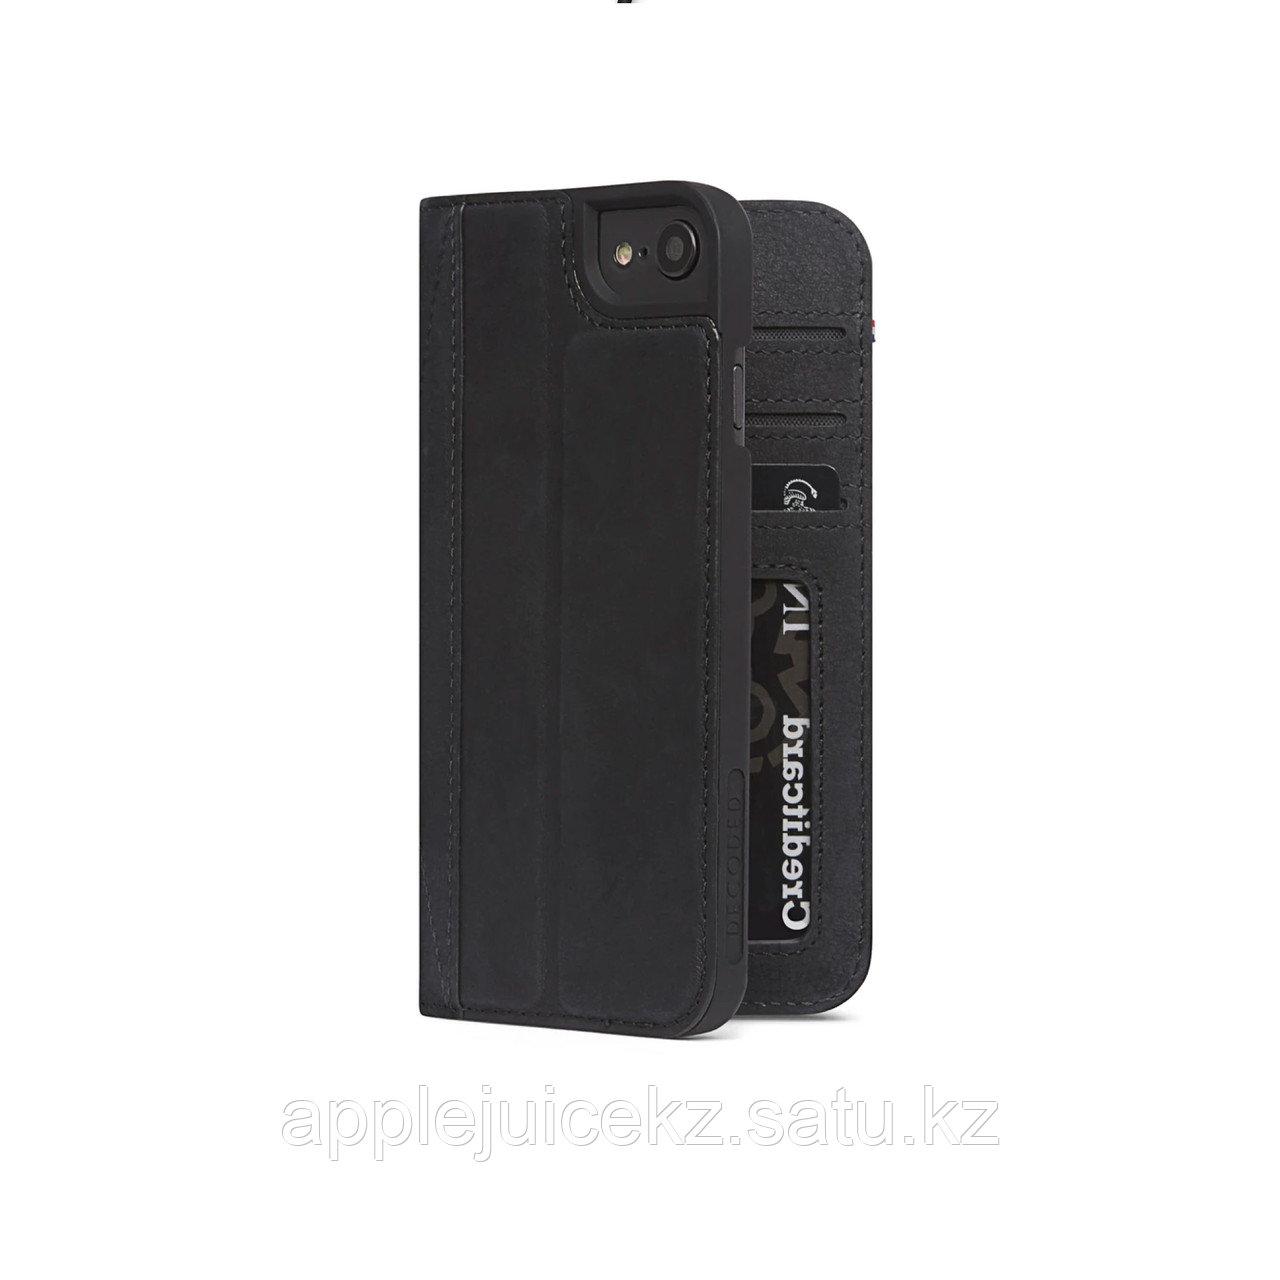 Чехол Decoded Wallet - Черный кошелек - iPhone SE/8